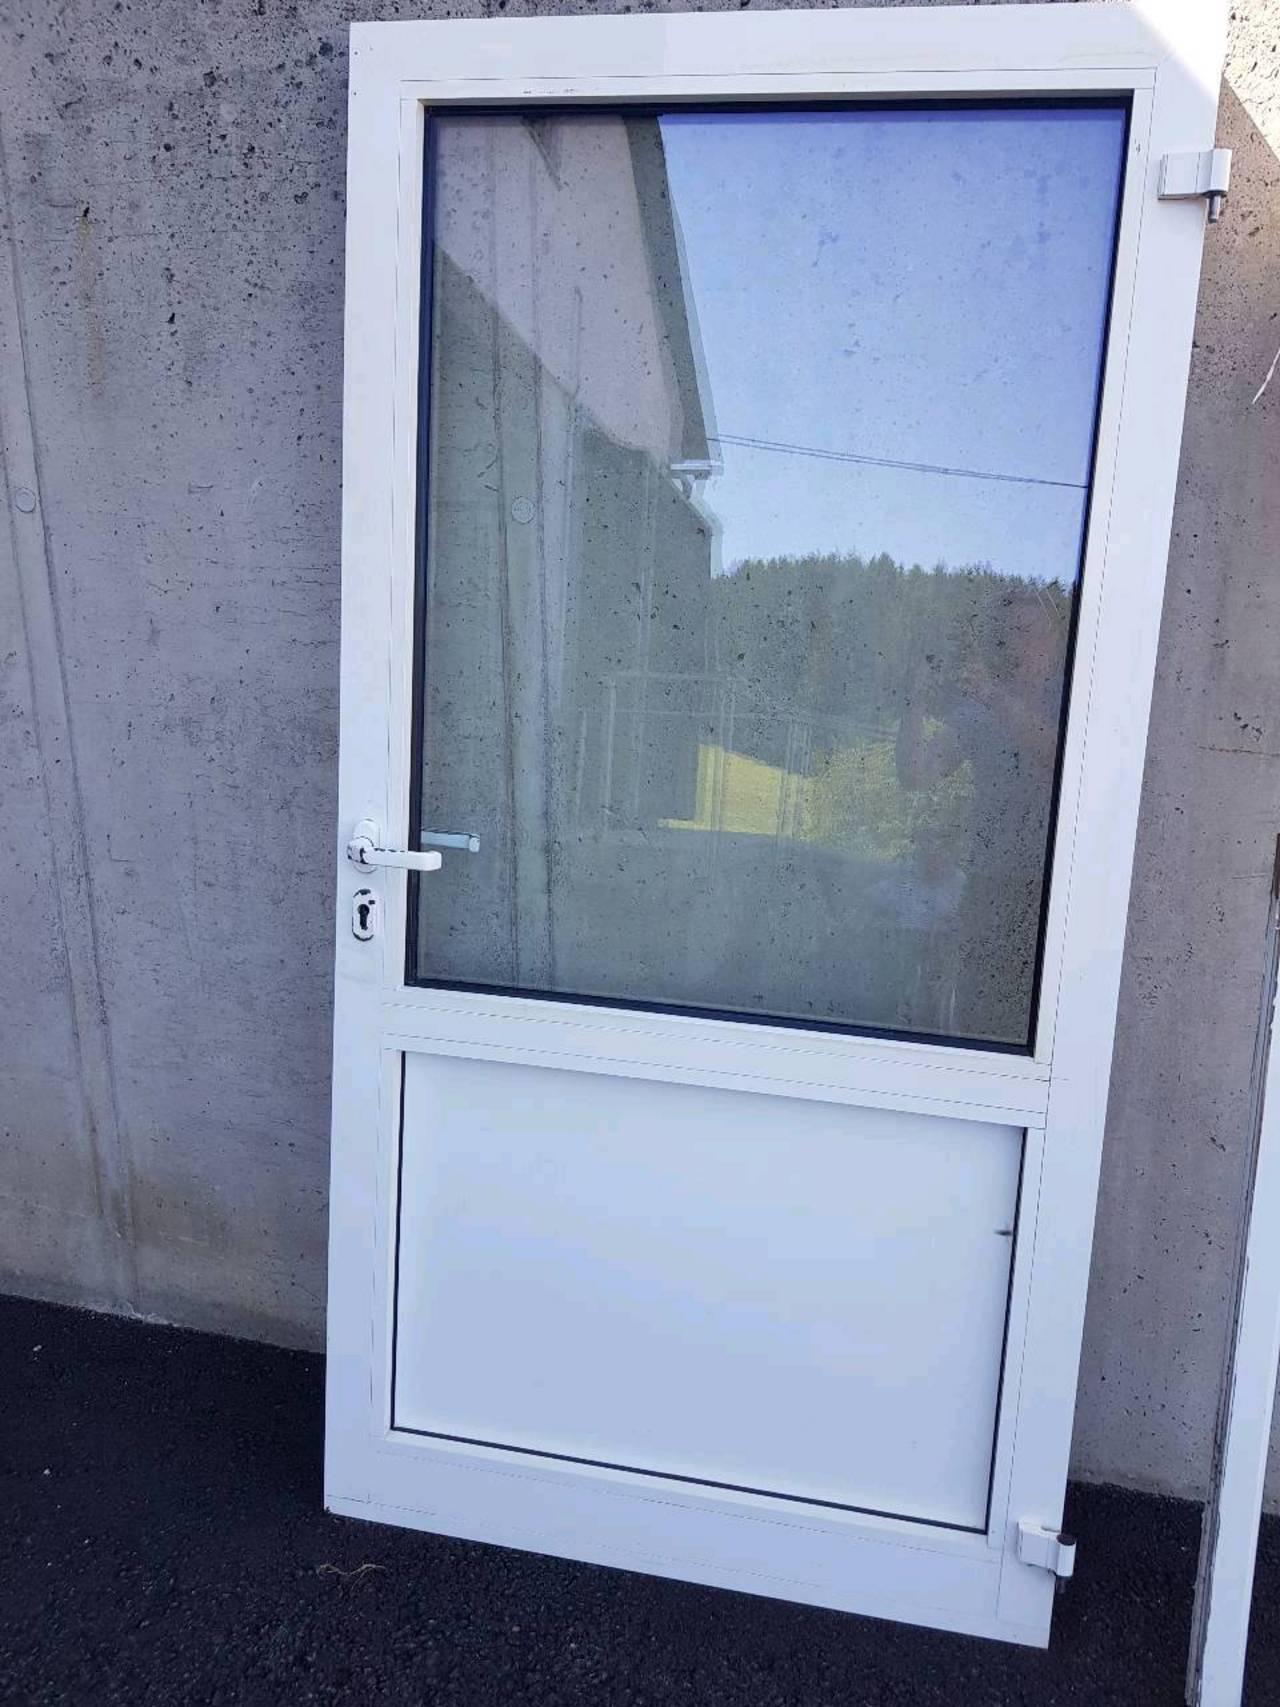 Super Gebrauchte Fenster und Türen kaufen - auf www.landwirt.com #IP_52